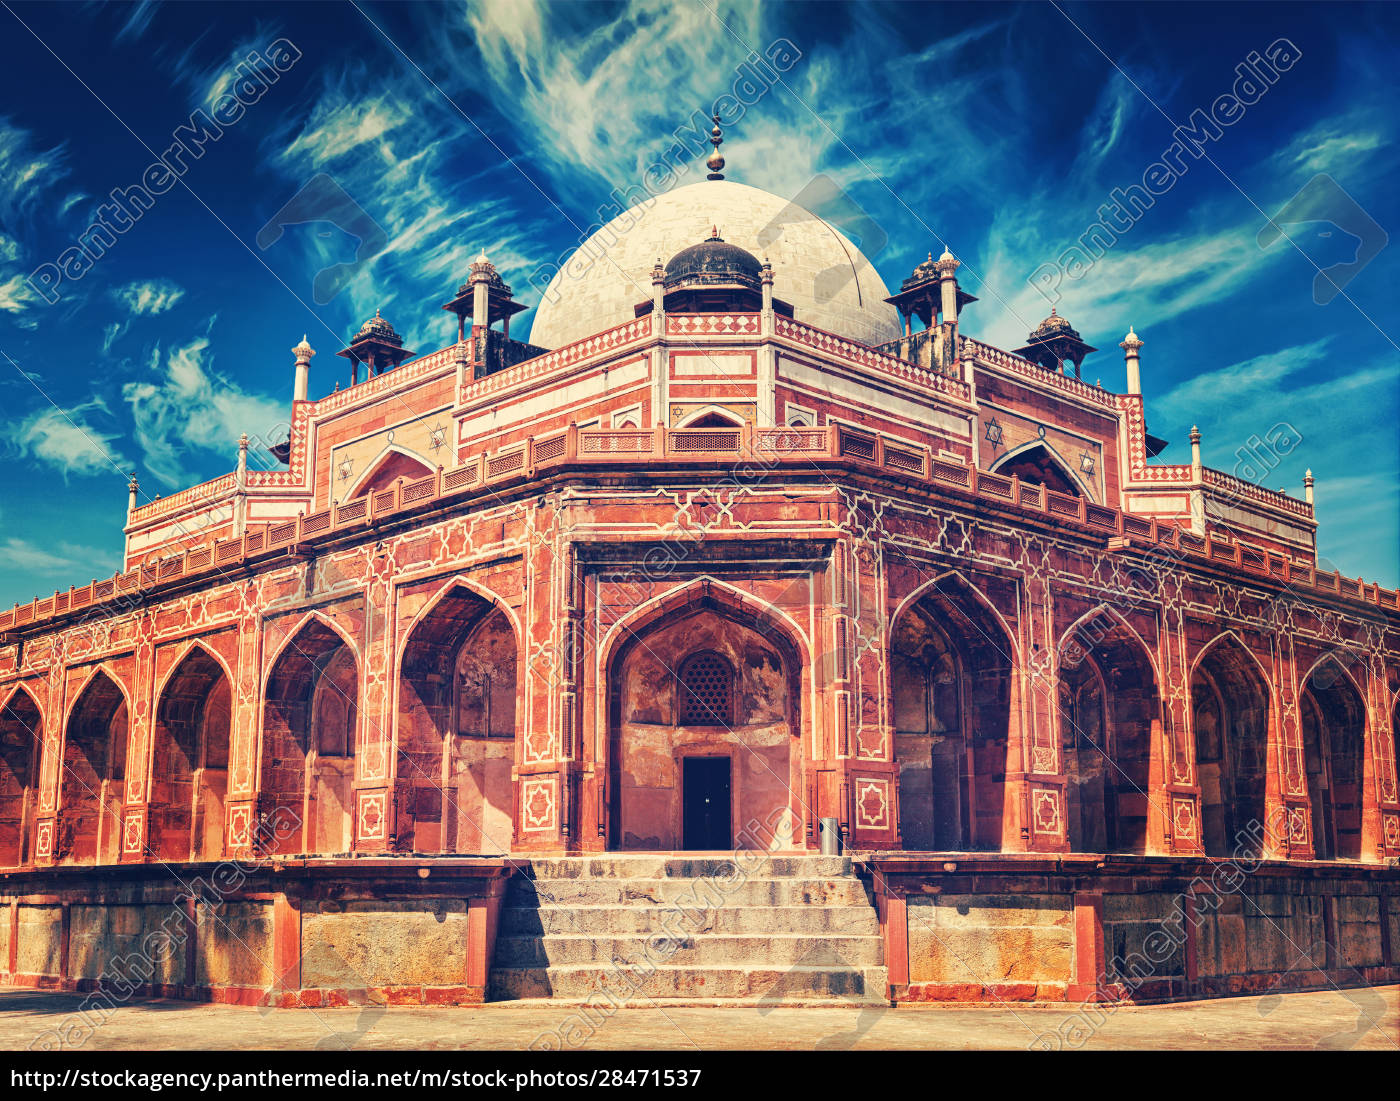 humayun's, tomb., delhi, , india - 28471537